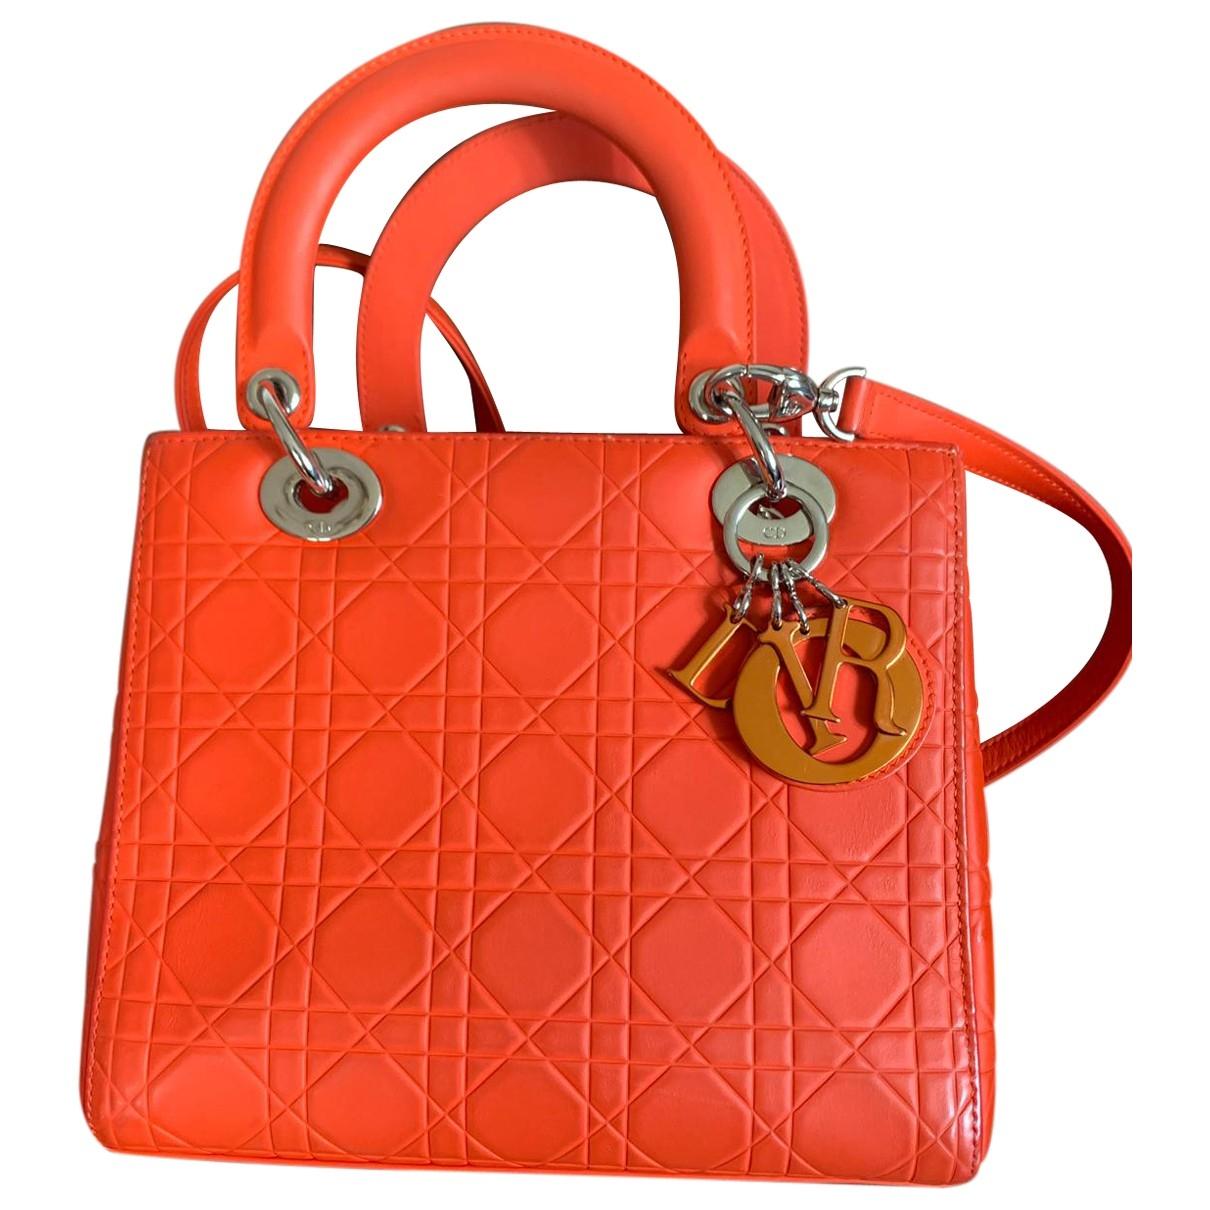 Dior Lady Dior Orange Leather handbag for Women \N